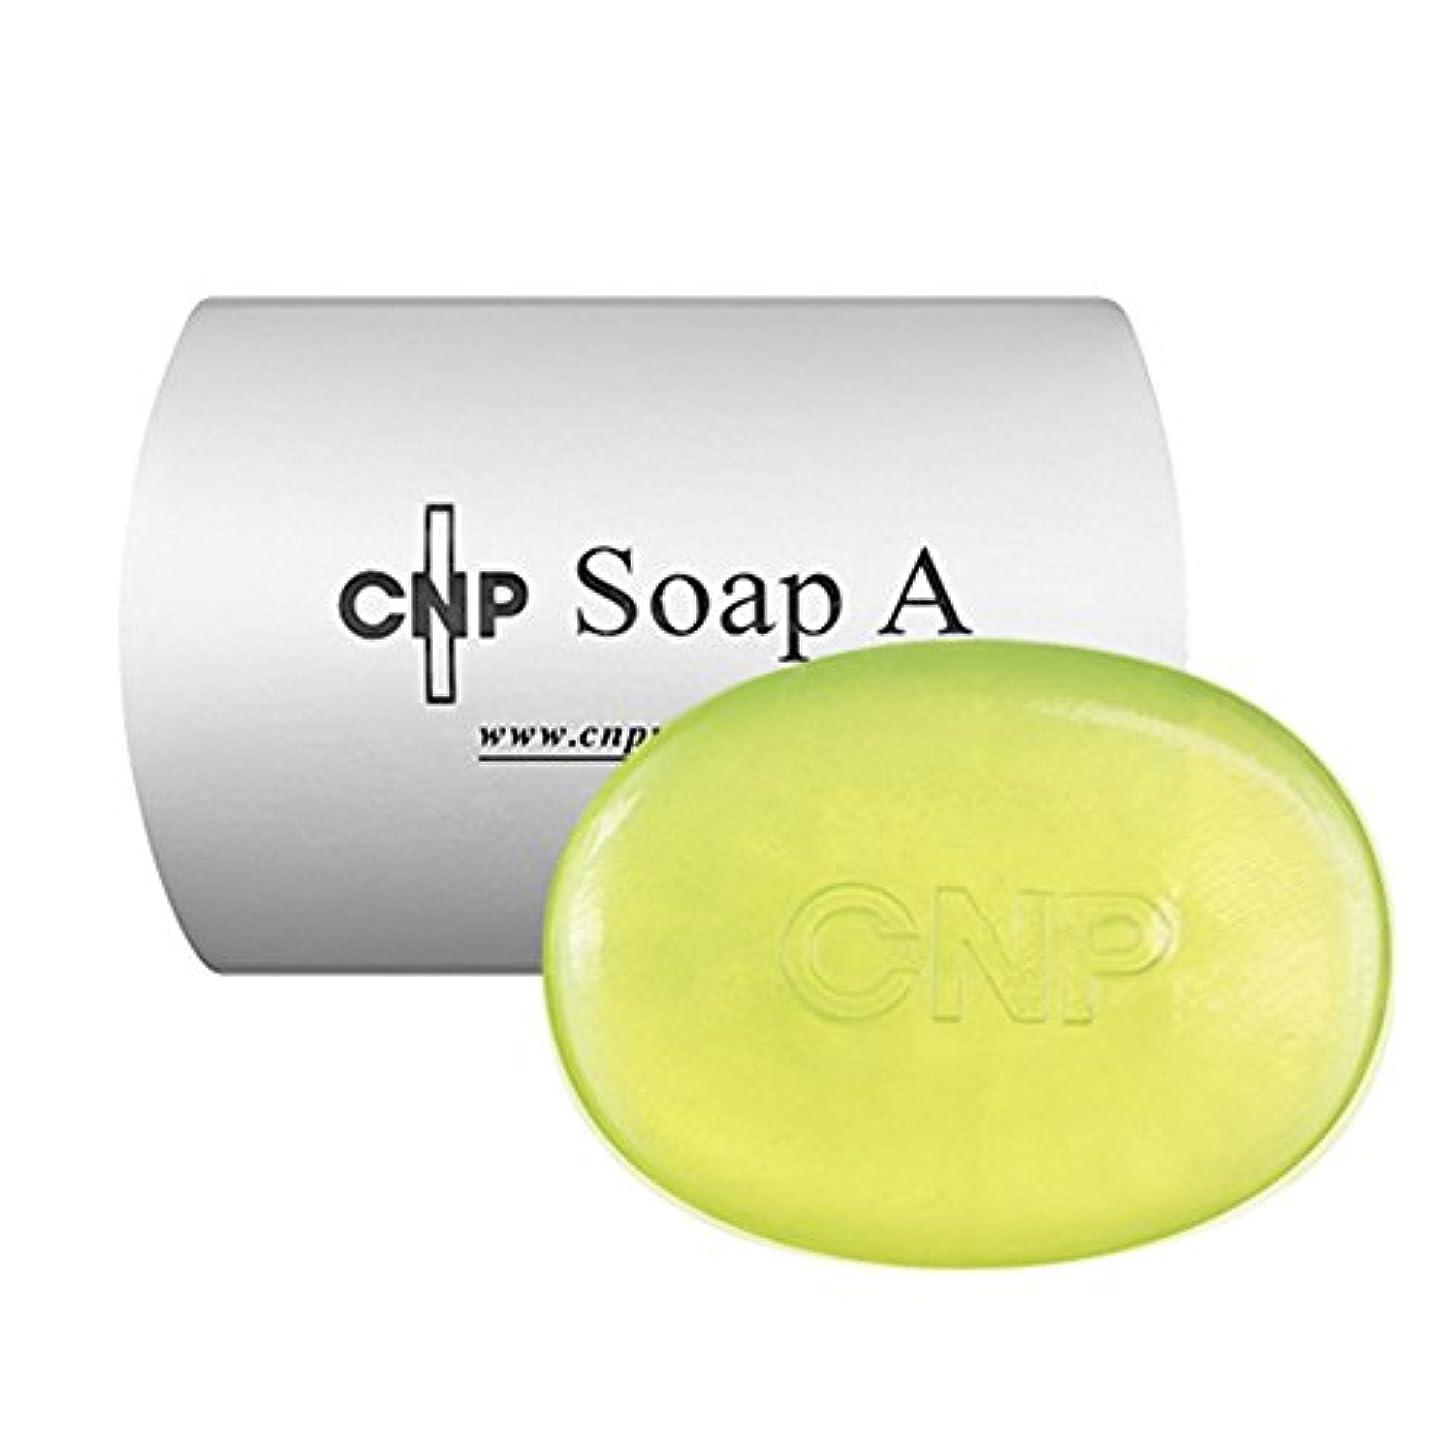 エンゲージメント繰り返すに渡ってCNP Soap A チャアンドパク ソープ A [並行輸入品]